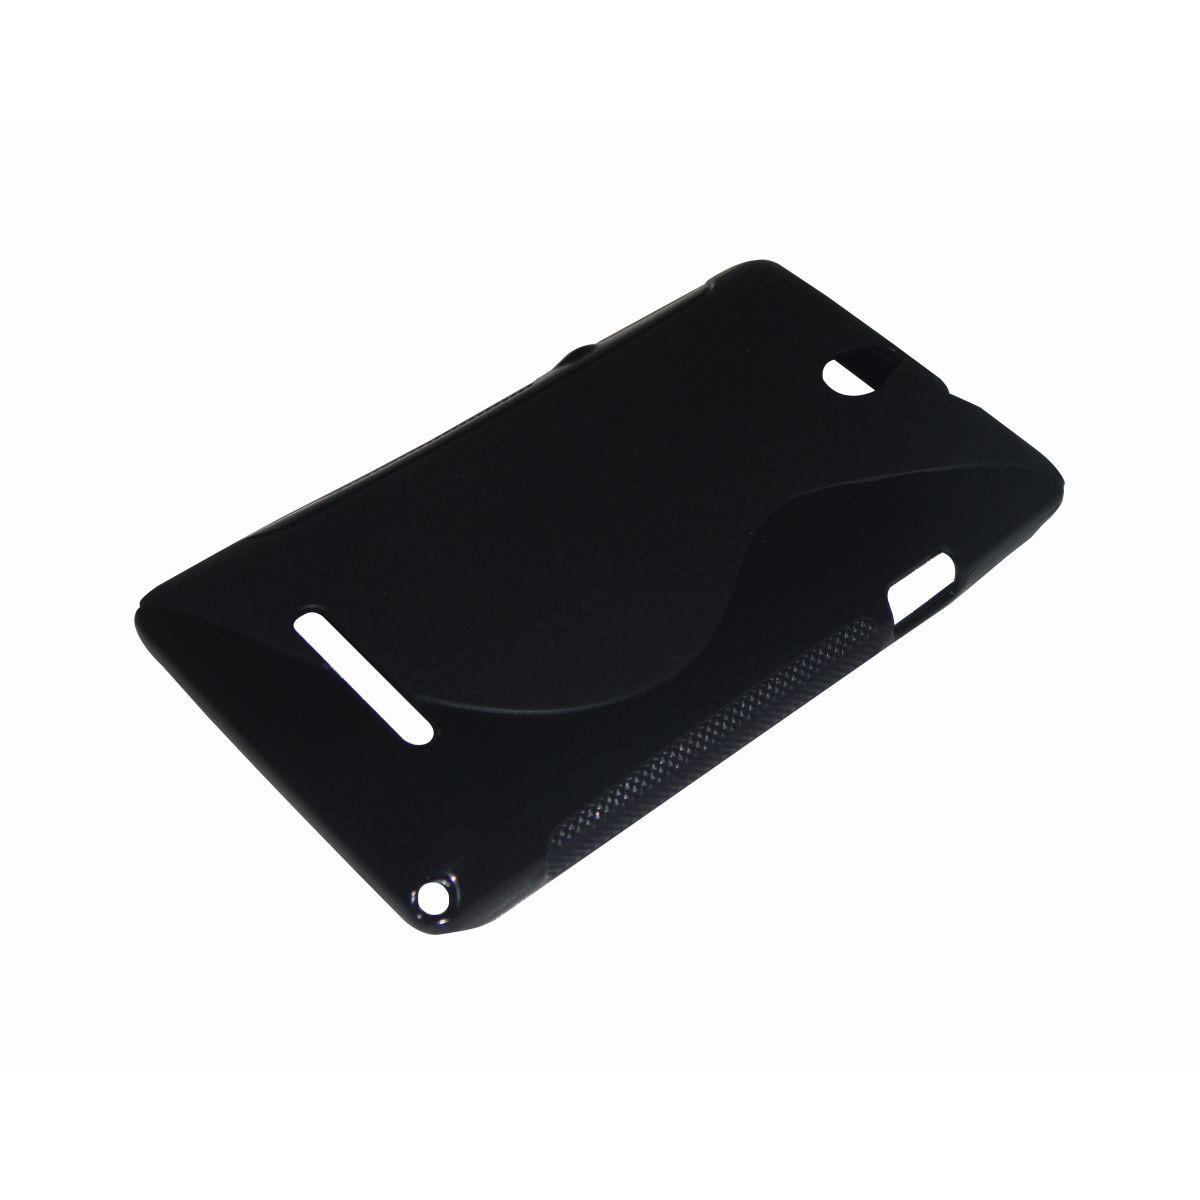 Capa TPU S-Type Preta Sony Xperia E C1604 C1605 + Película Flexível